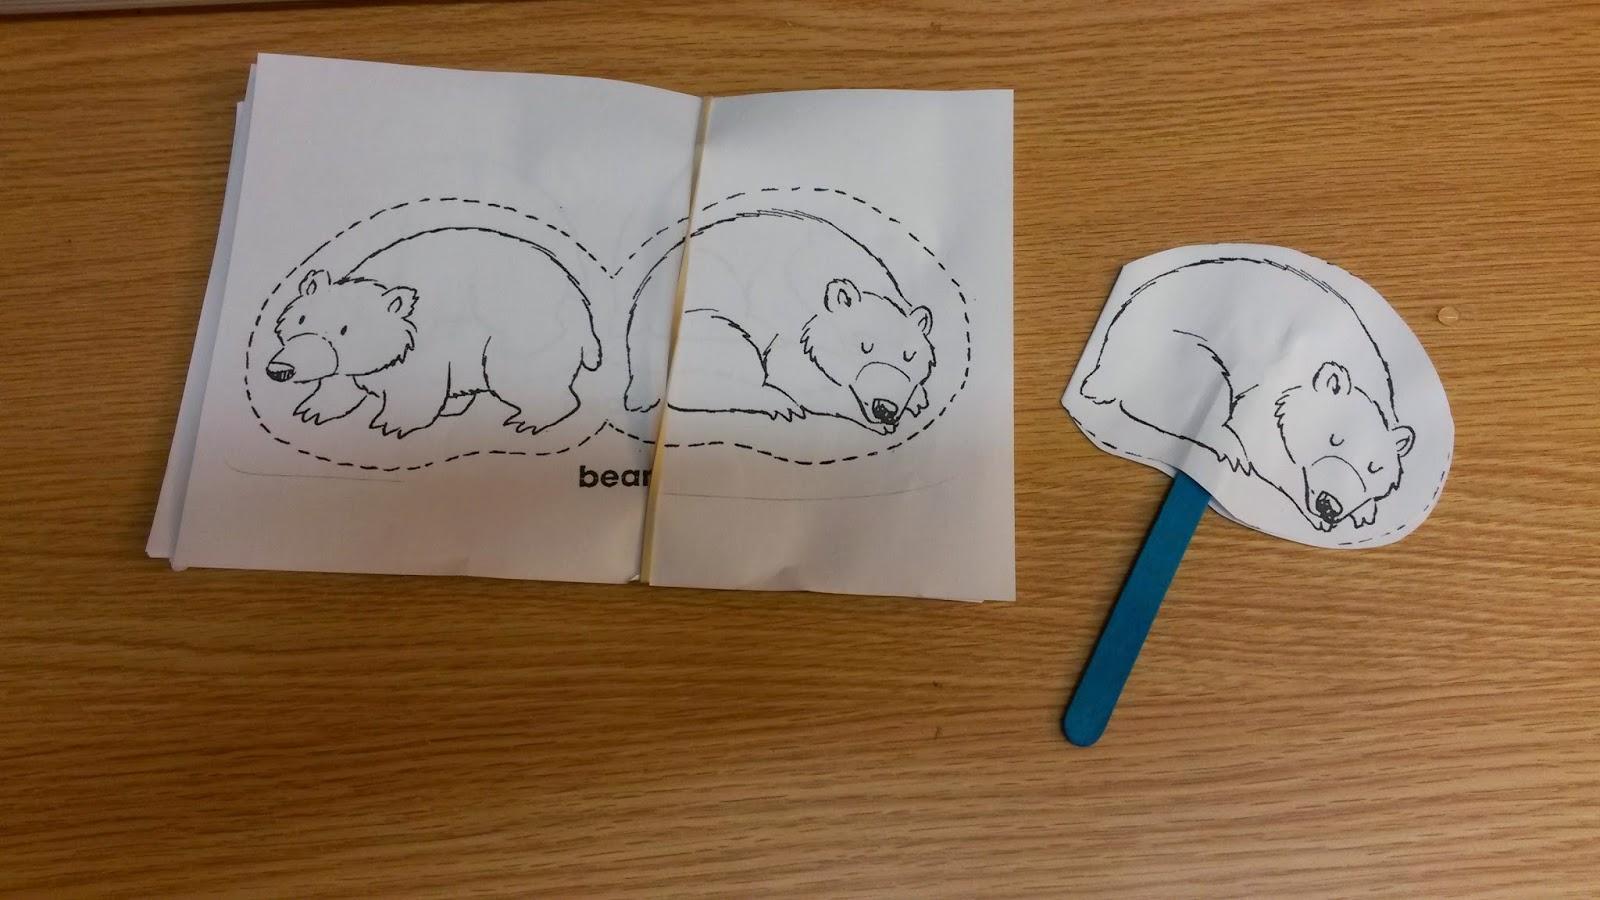 Bear hibernation worksheets kindergarten 1000 images for Hibernation crafts for kids